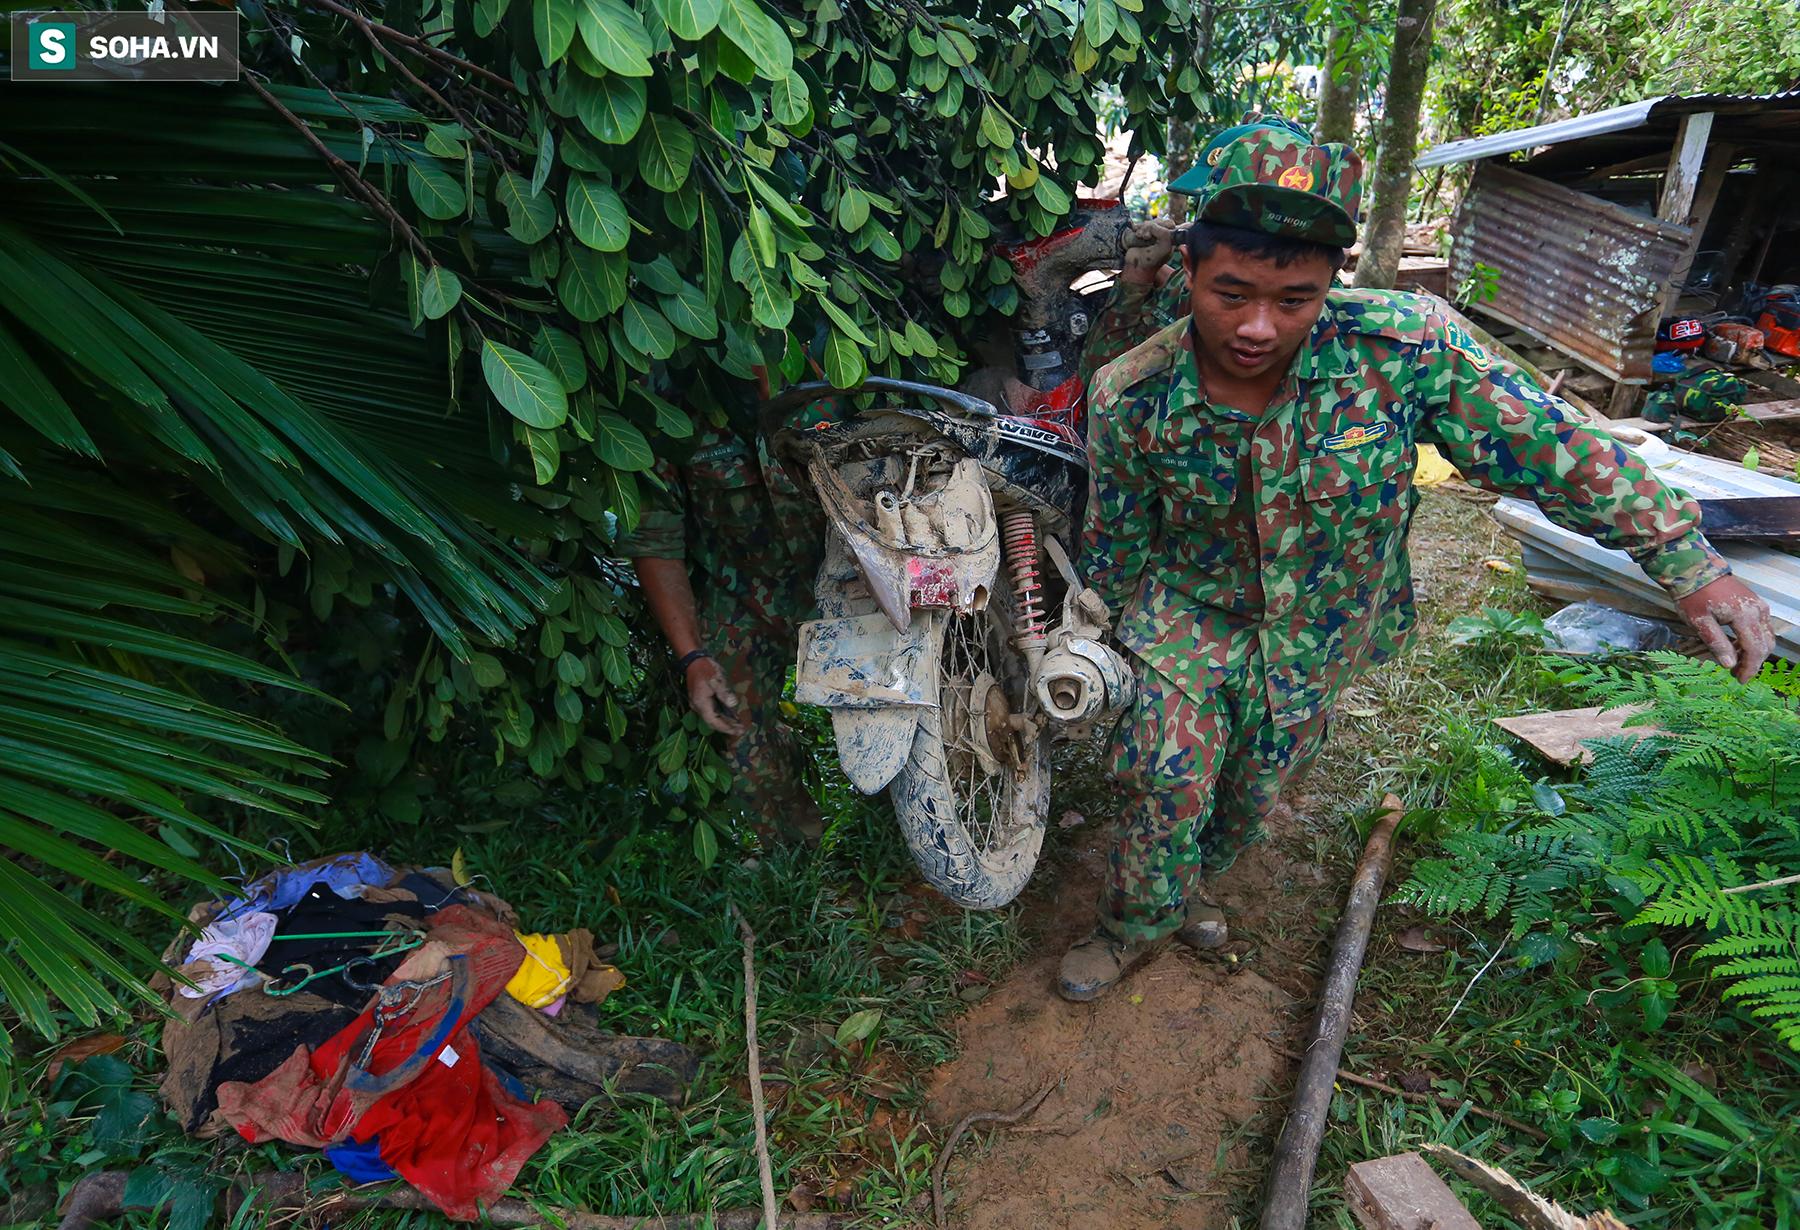 [Ảnh] Những thứ còn sót lại dưới đống hoang tàn ở vụ sạt lở Trà Leng sau 48 giờ tìm kiếm - Ảnh 19.